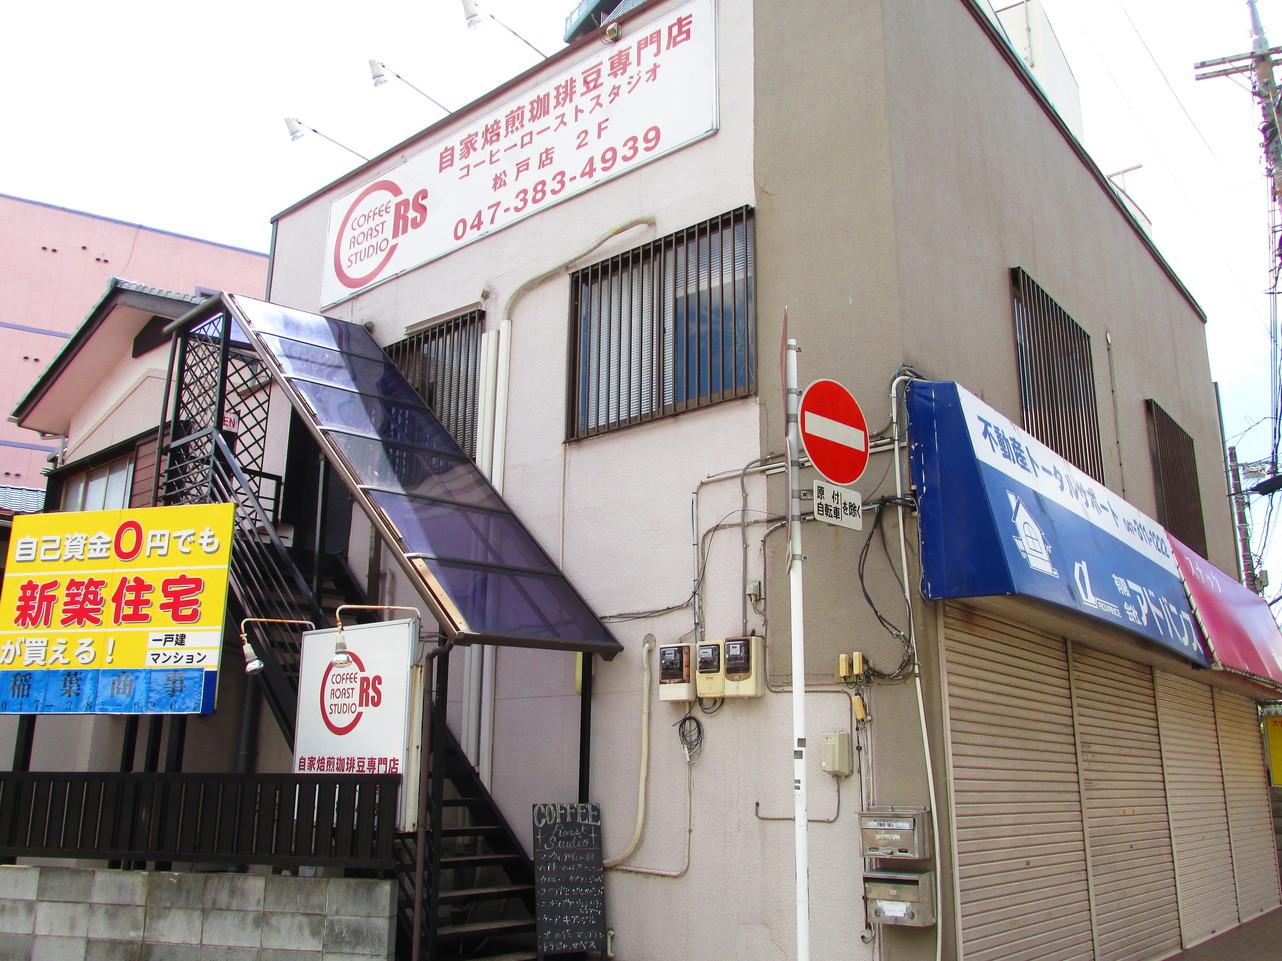 コーヒー・ロースト・スタジオ 松戸店